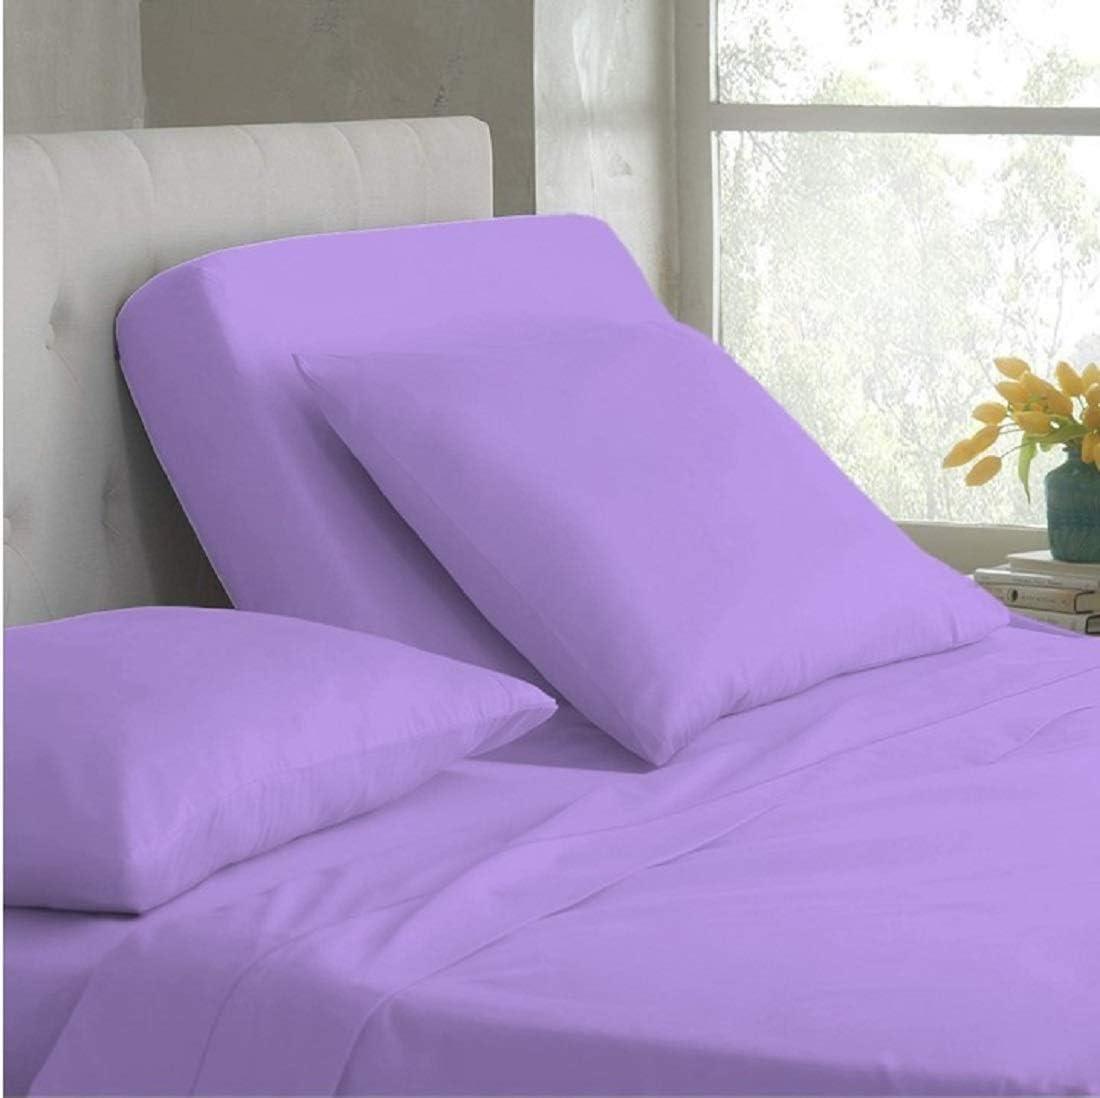 Linen Club Bedding 100% Cotton Adjustable Queen Jacksonville Max 82% OFF Mall Split-Top-Queen